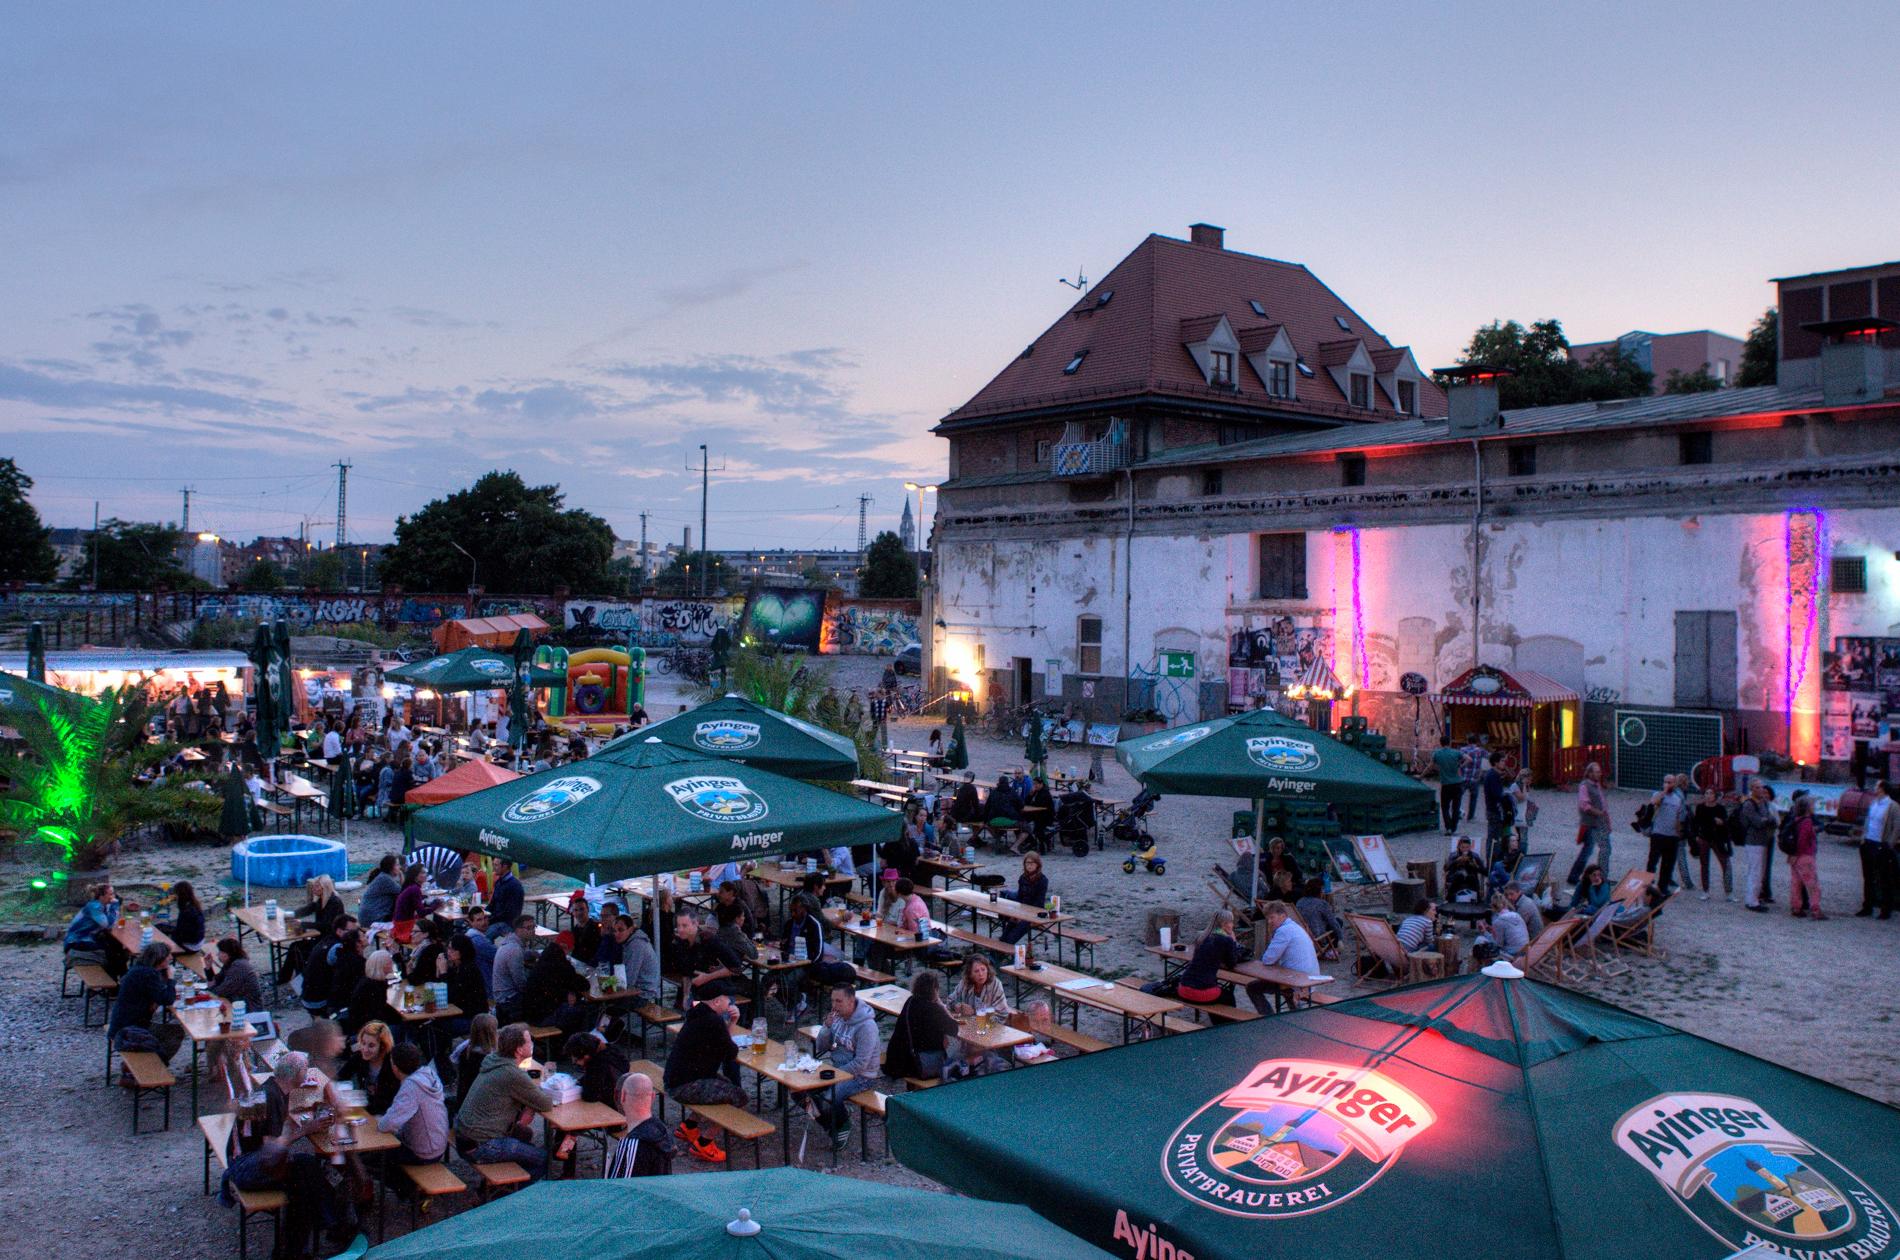 Biergarten Viehhof